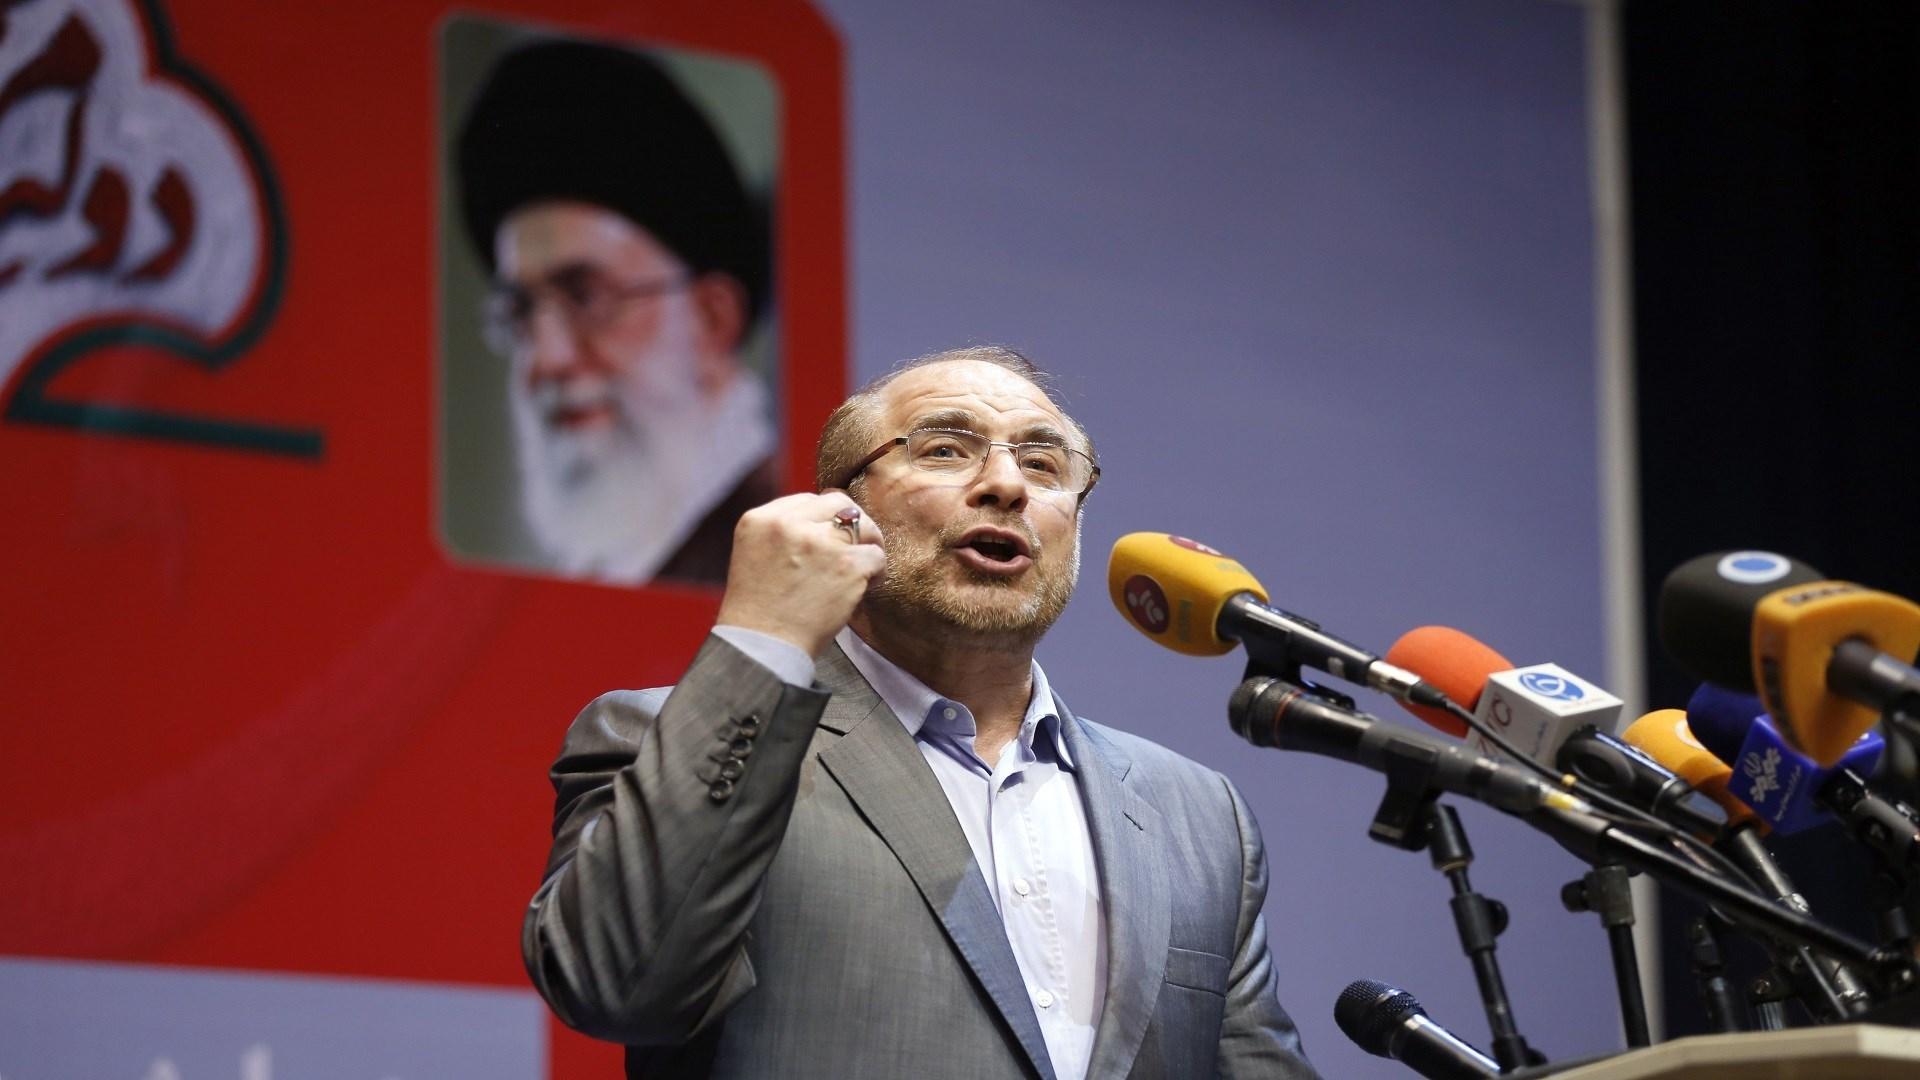 قاليباف: في أفضل الحالات لن يختلف بايدن عن أوباما واضع العقوبات القاسية ضد إيران